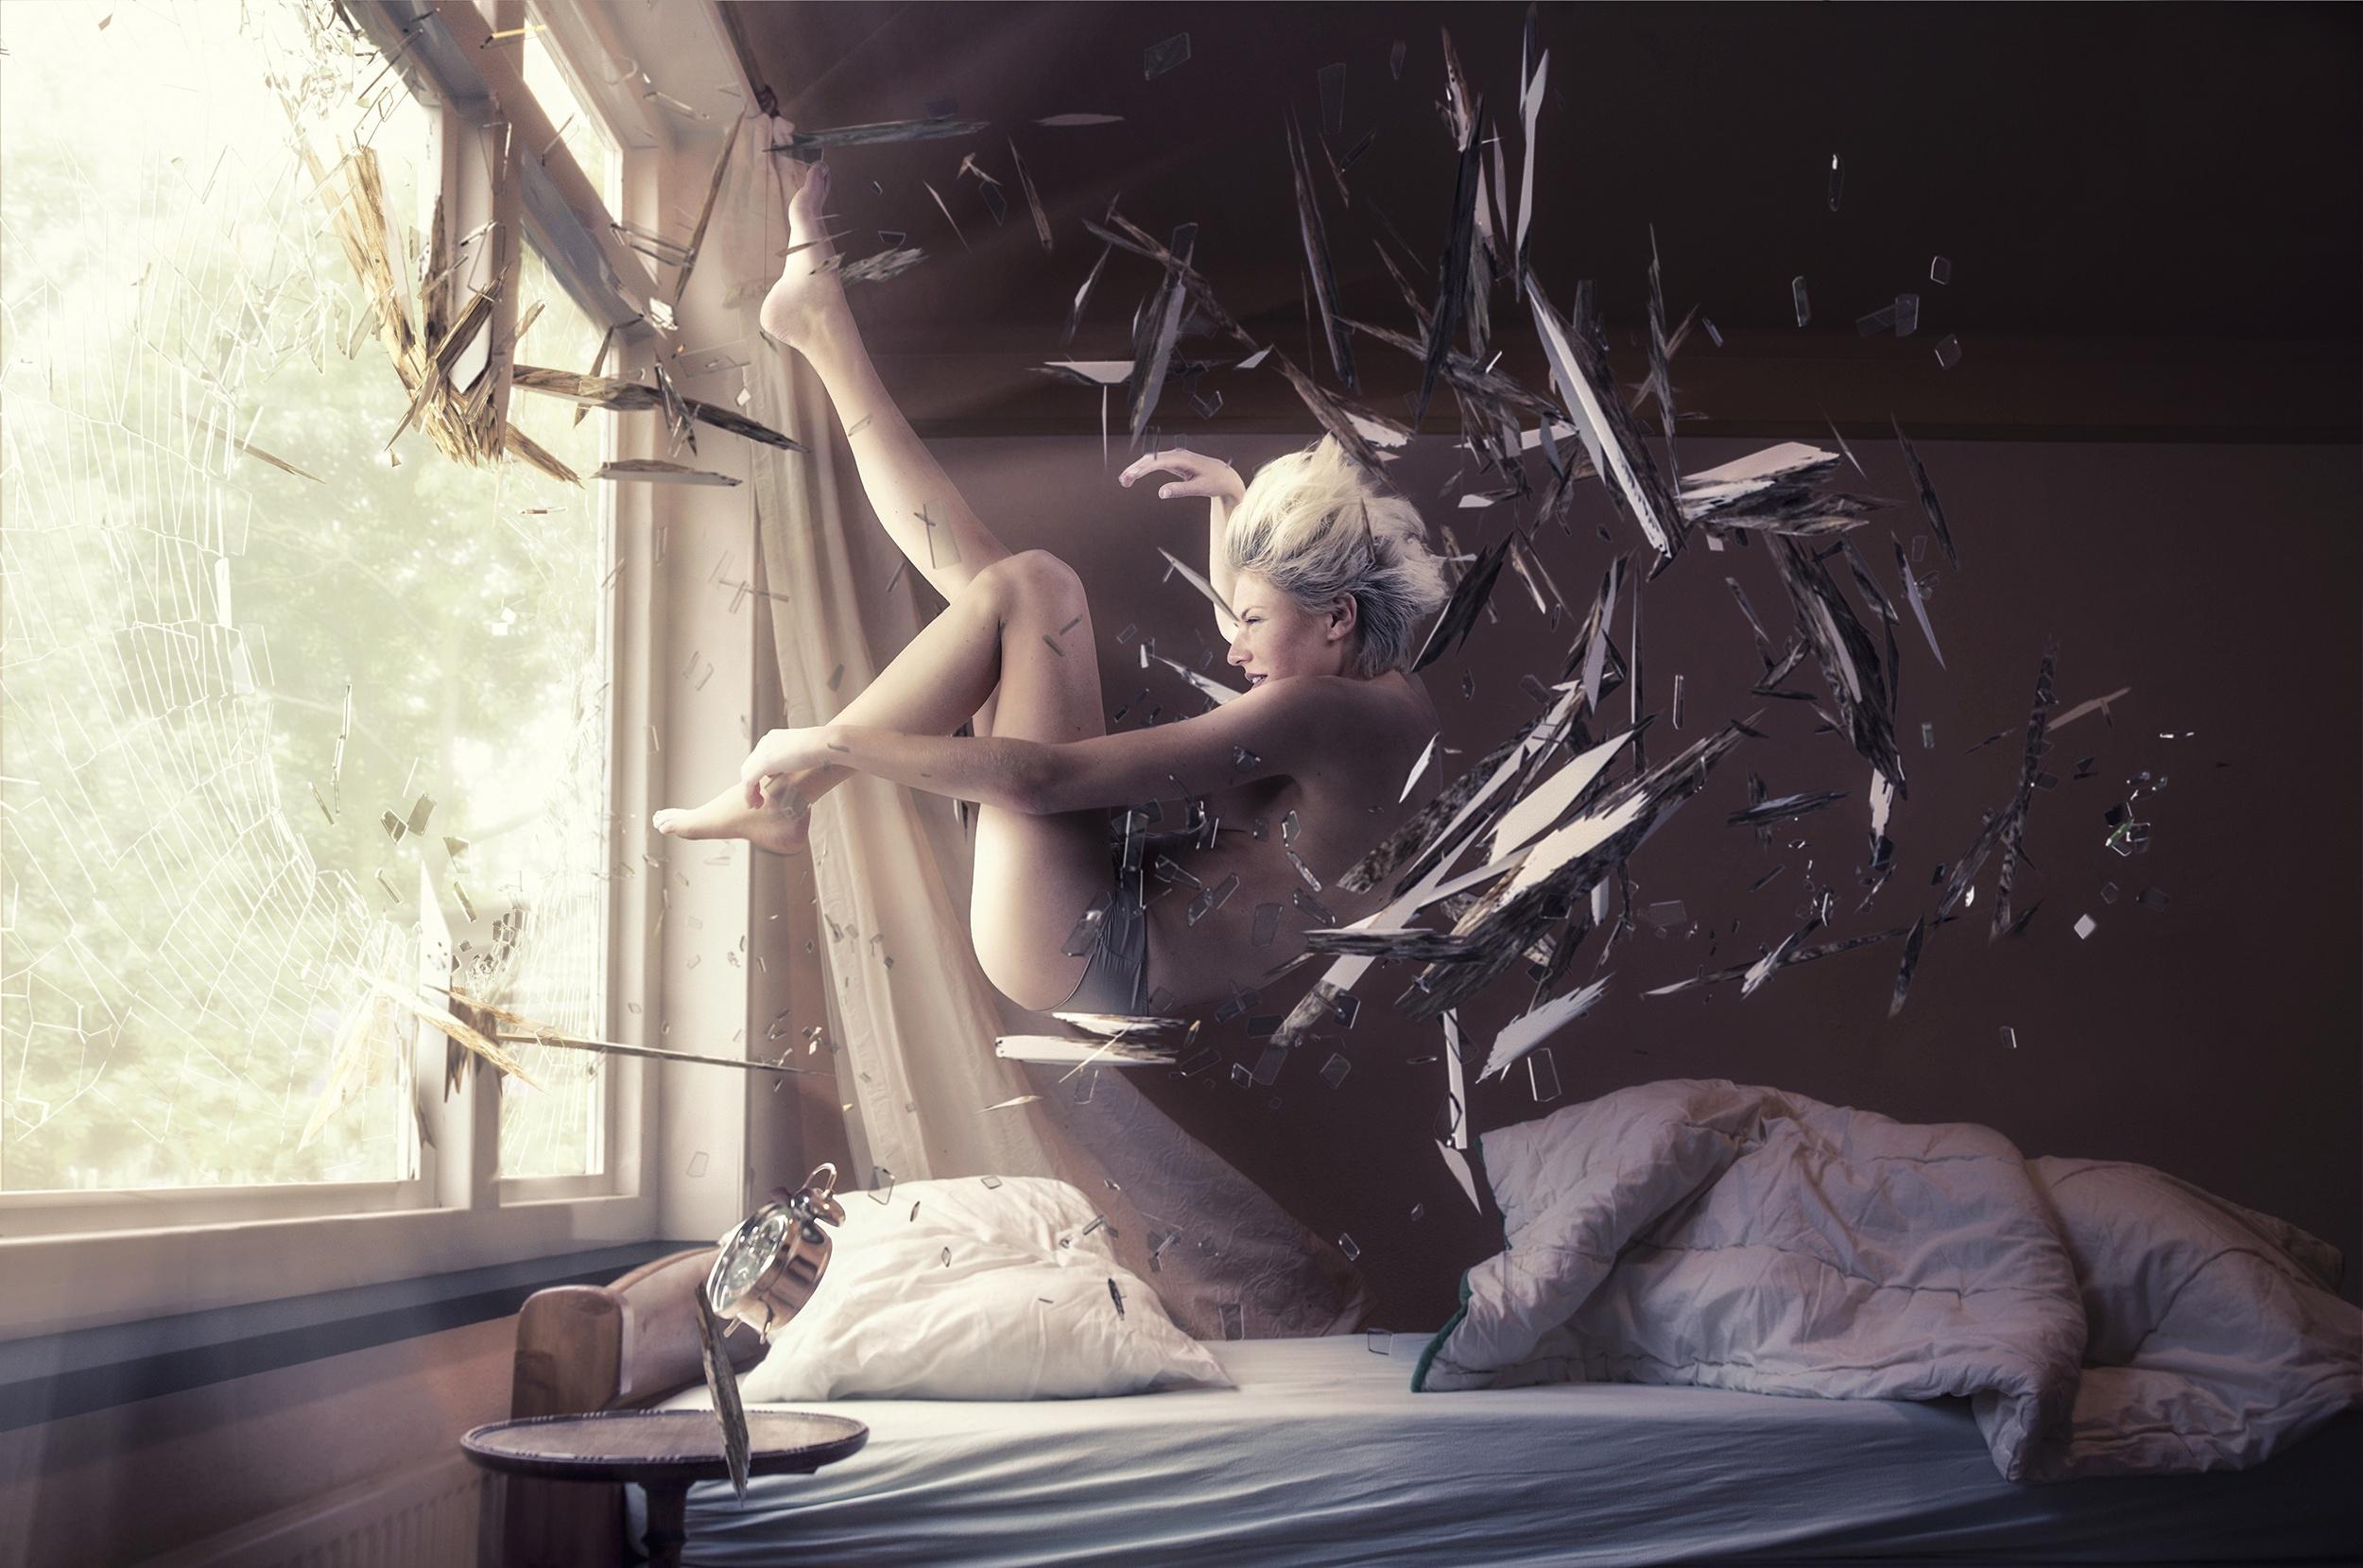 картинки мужик ангел лезет в окно фотография военные